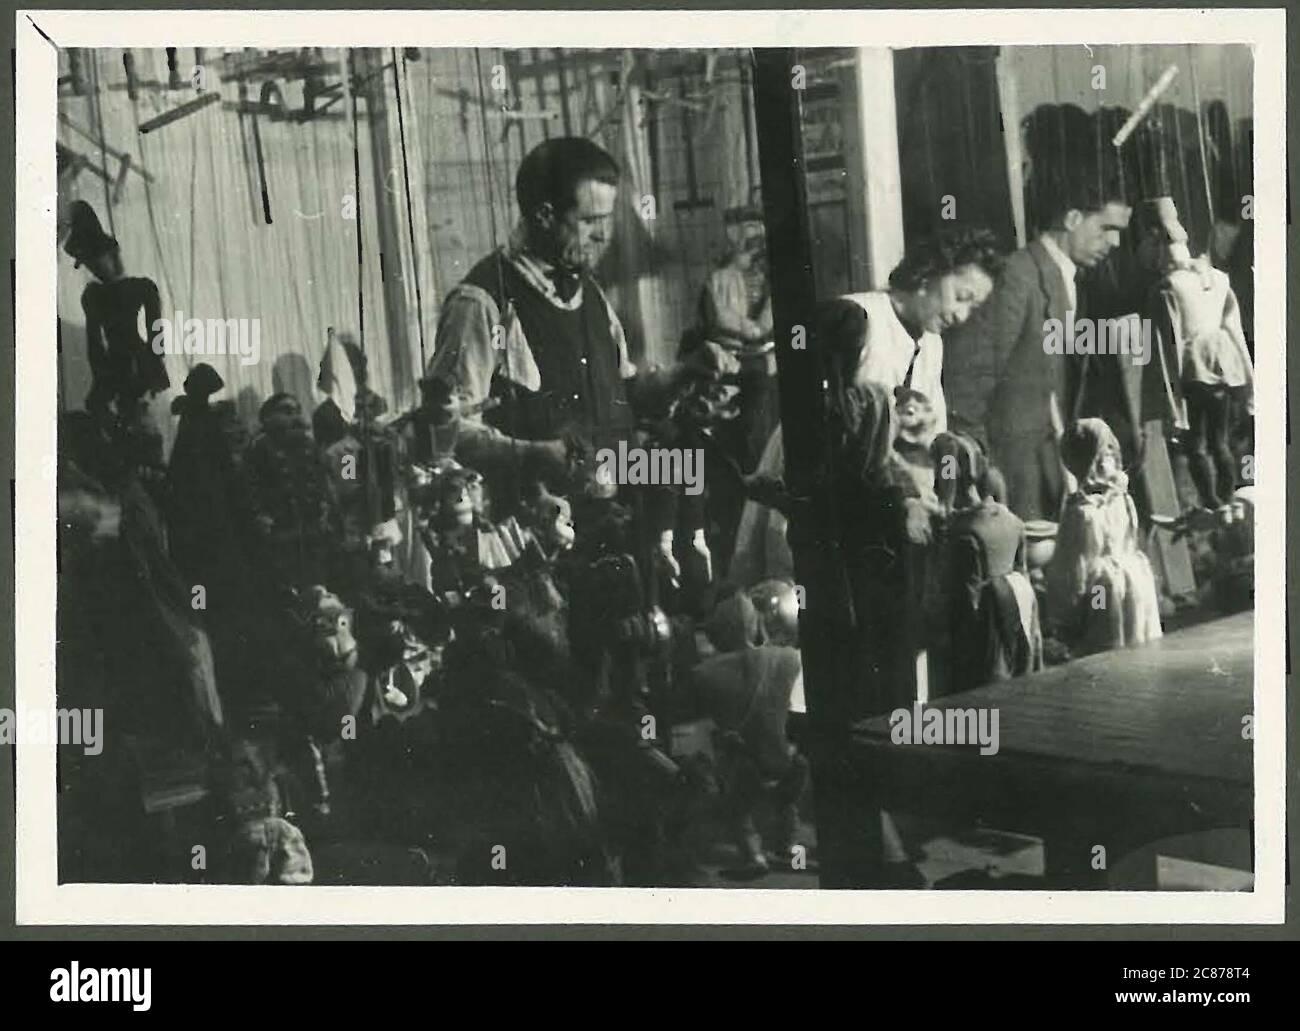 Le professeur Josef Skupa (1892-1957) était un marionnettiste tchèque qui, au début des années 1920, créa ses marionnettes les plus célèbres : le père comique Spejbl et son fils rascal Hurvinek, qui créèrent en 1930 le premier] théâtre de marionnettes professionnel moderne. Pendant l'occupation nazie de la Tchécoslovaquie, Skupa a joué des pièces de marionnettes satiriques et allégoriques sur des centaines d'étapes dans toute la Tchécoslovaquie, menant à l'emprisonnement des marionnettes par les Nazis (dans un classeur!) pour être généralement trop subversif. Après 1945, Skupa a continué à produire du travail pour les enfants et les adultes en Tchécoslovaquie et a également joué à l'étranger. Retour Banque D'Images